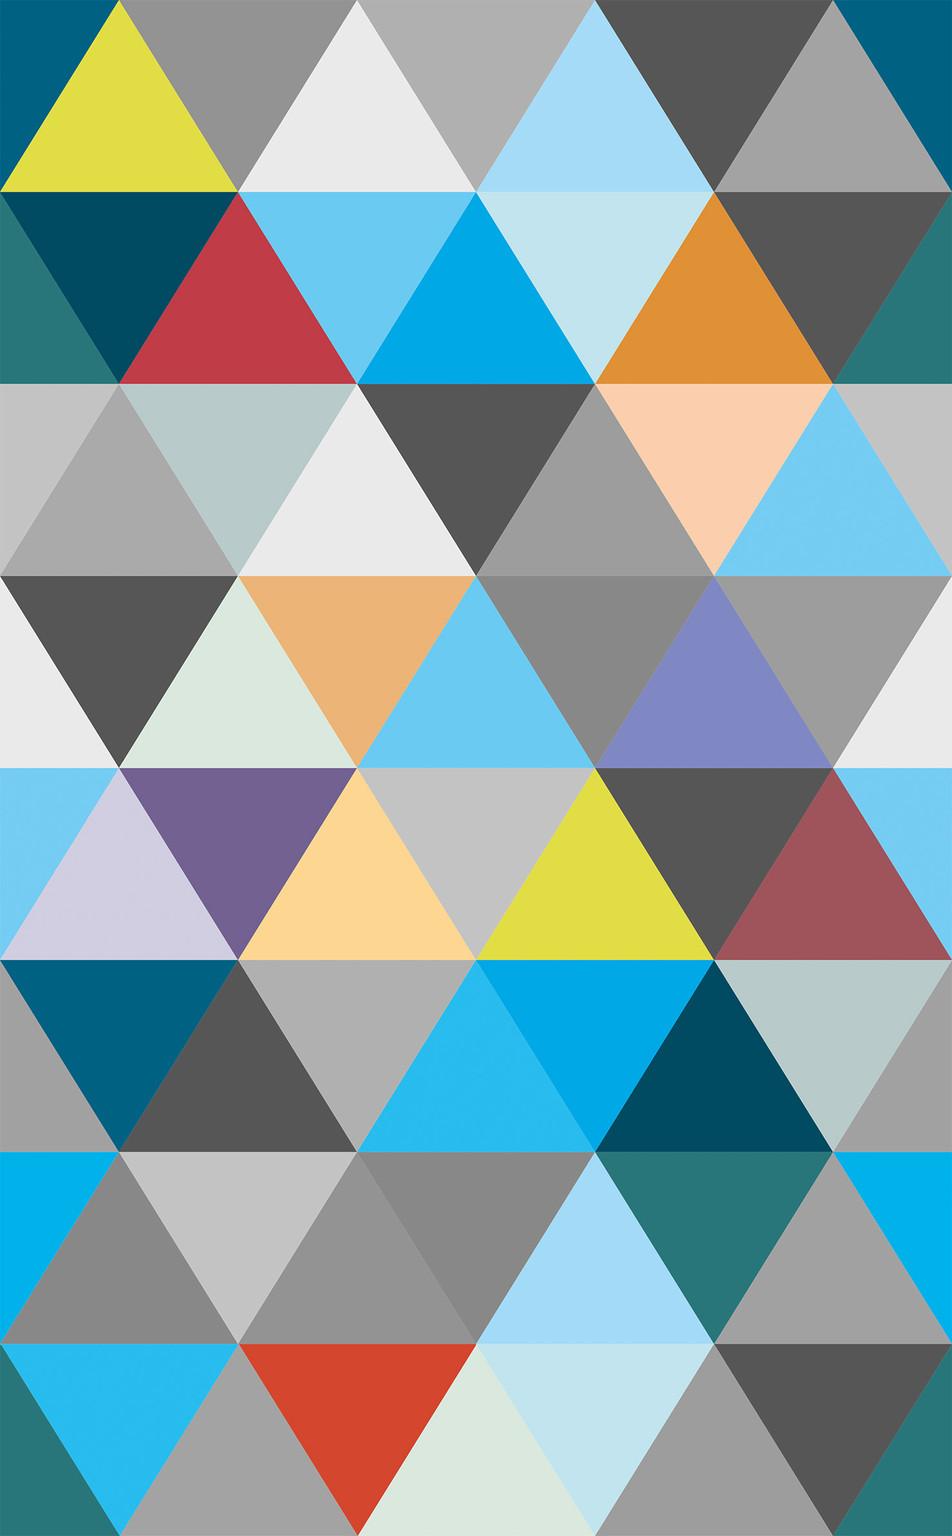 Triangle No. 03 Blue Grey